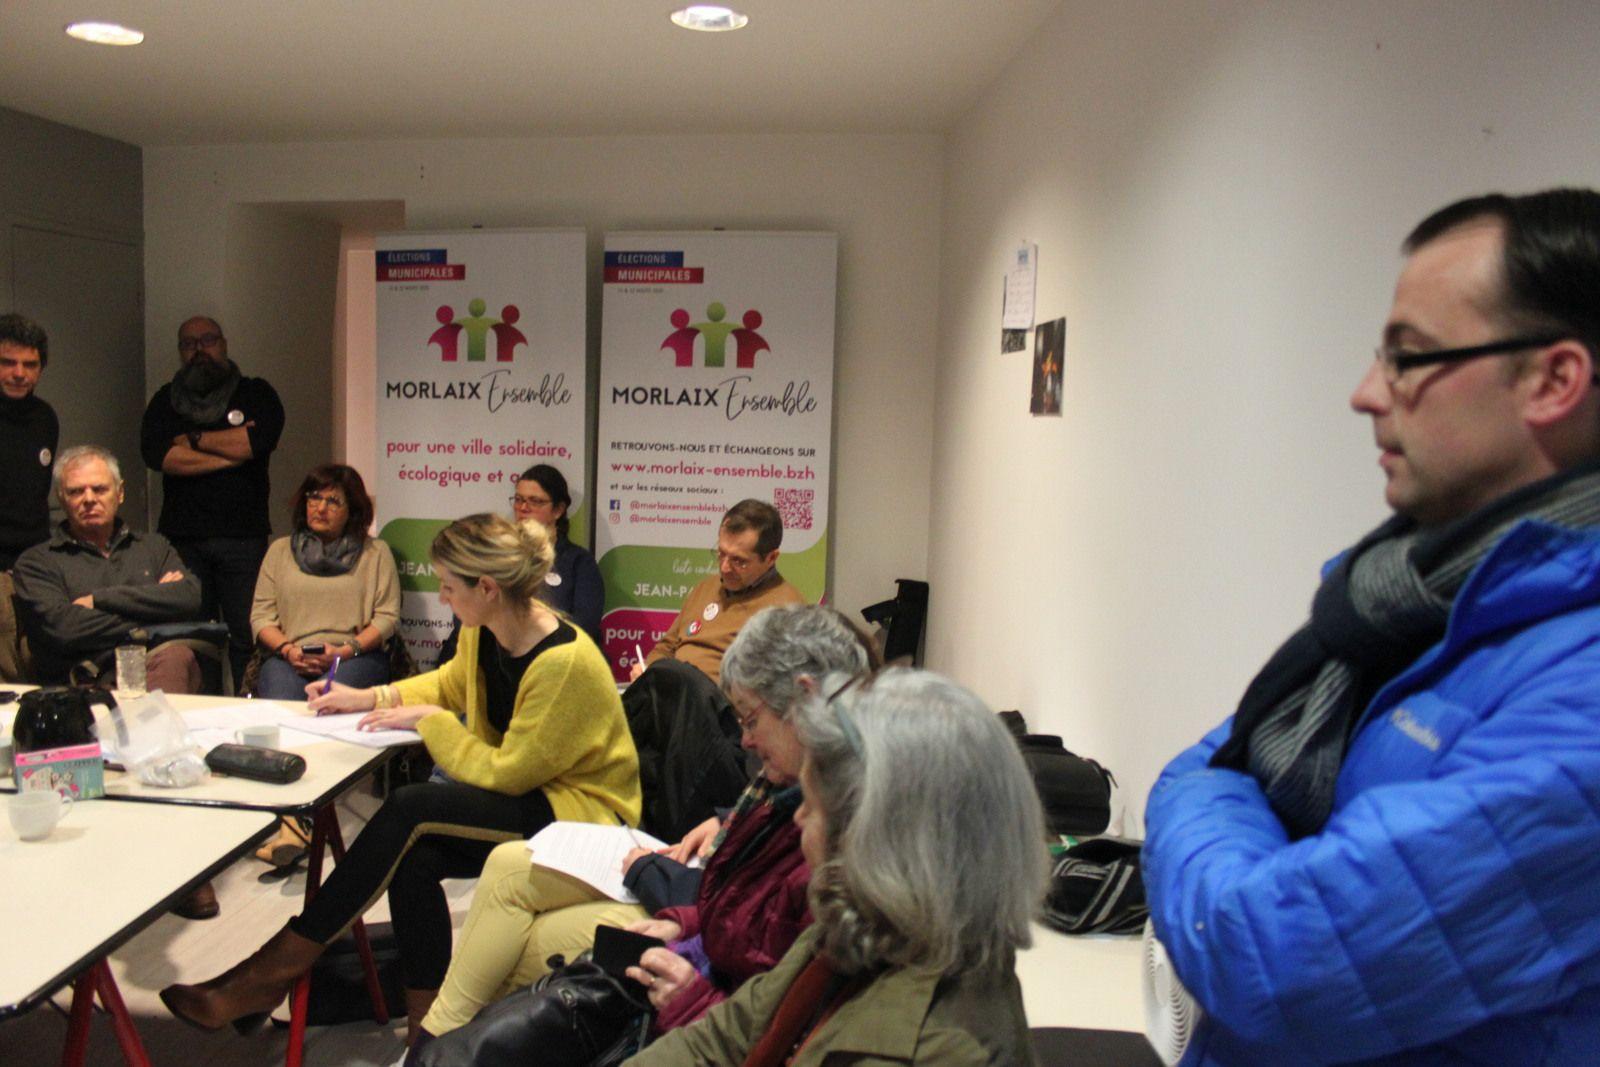 Conférence de presse de la liste Morlaix Ensemble conduite par Jean-Paul Vermot - voeux aux Morlaisiens - Photos Jean-Paul Le Calvez